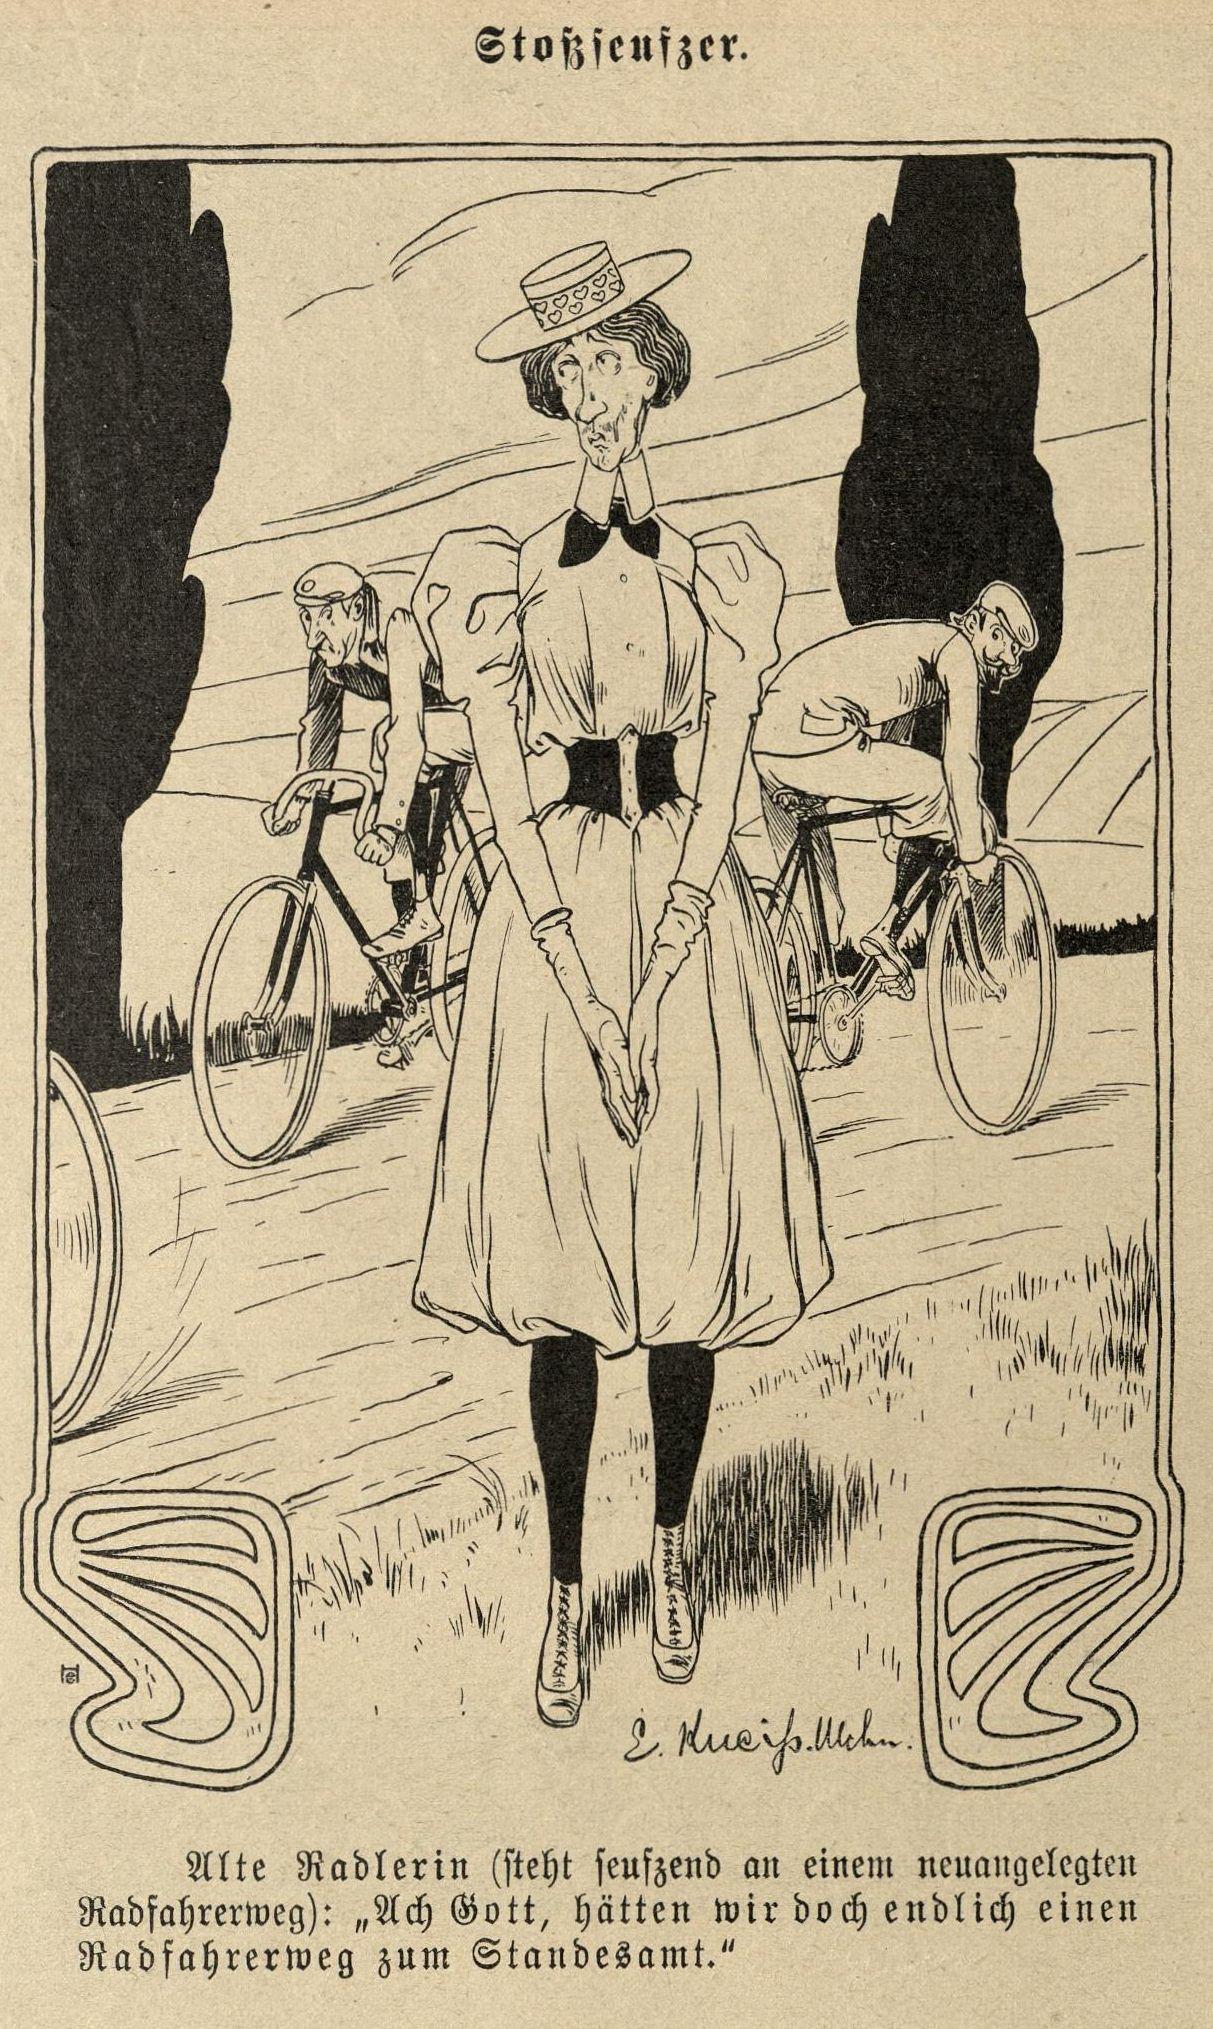 Alte Radlerin möchte Radfahrweg zum Standesamt